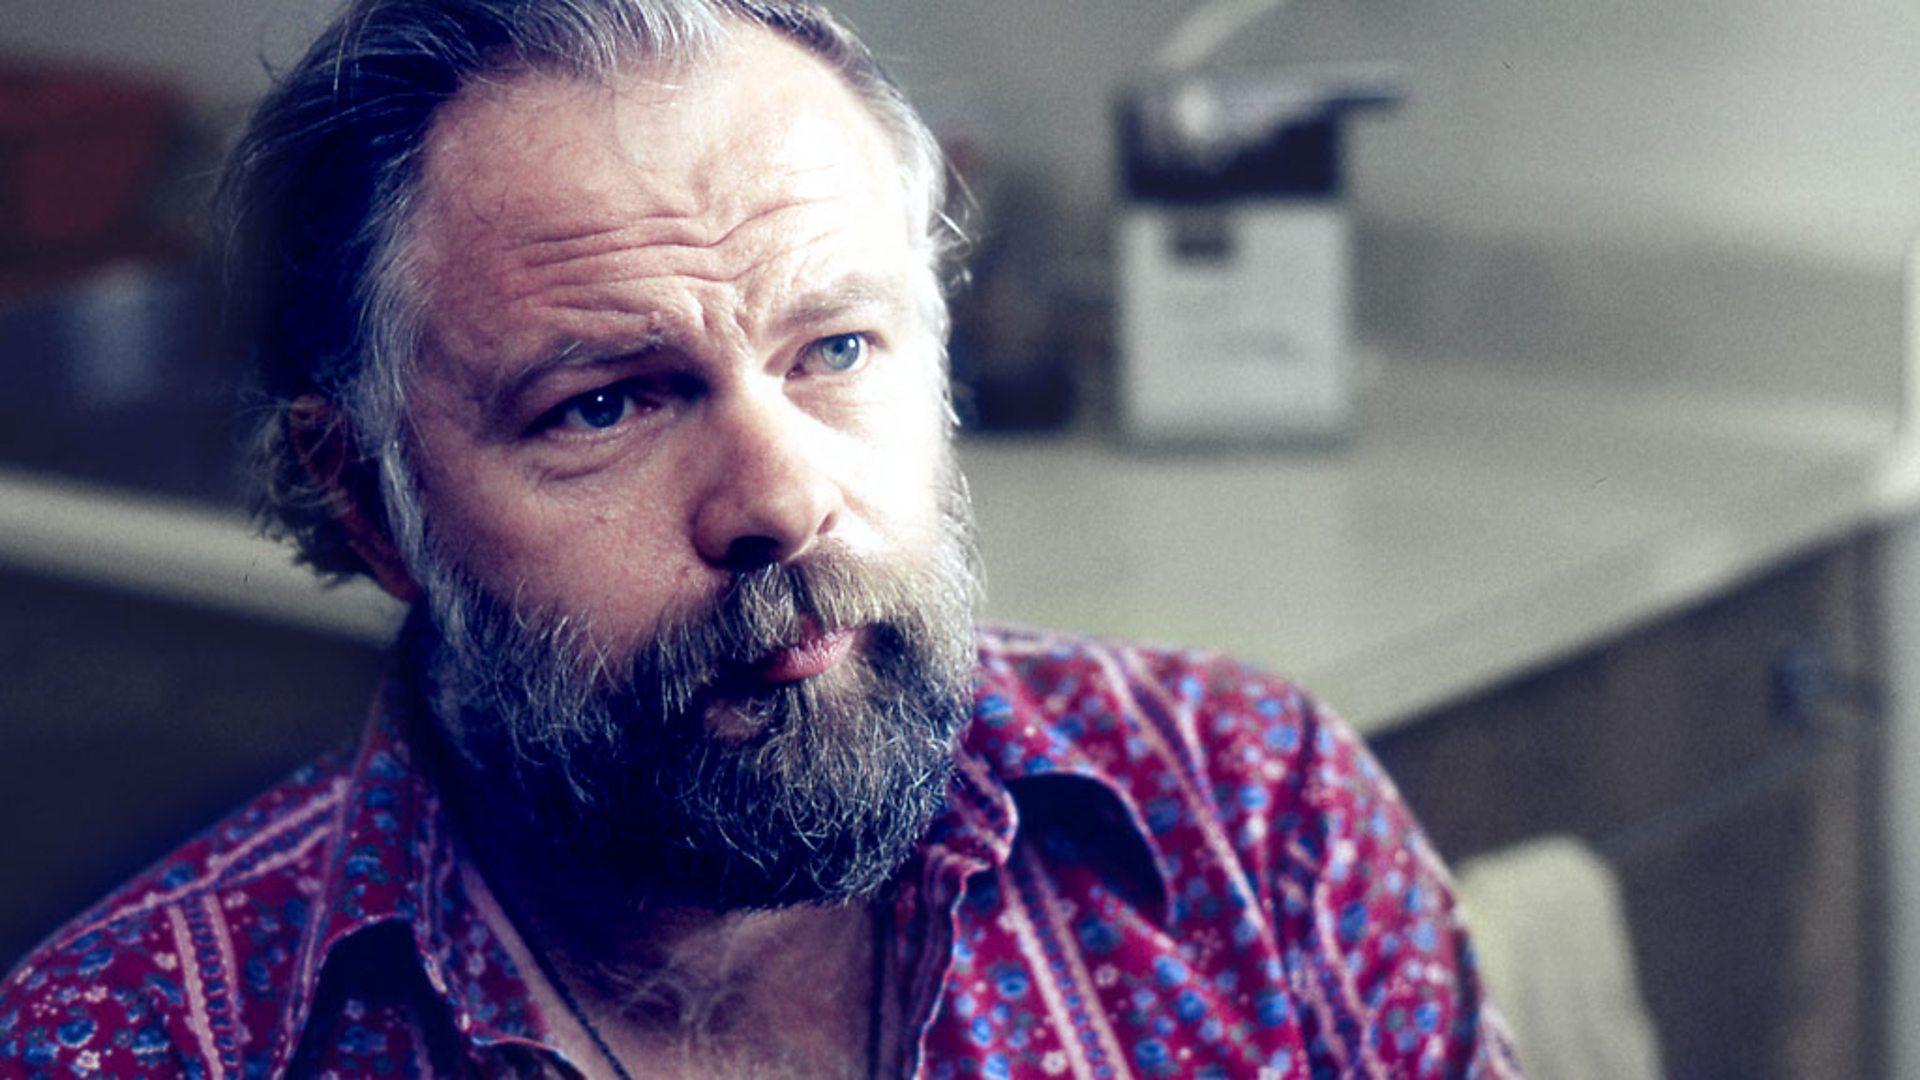 Philip D. Dick